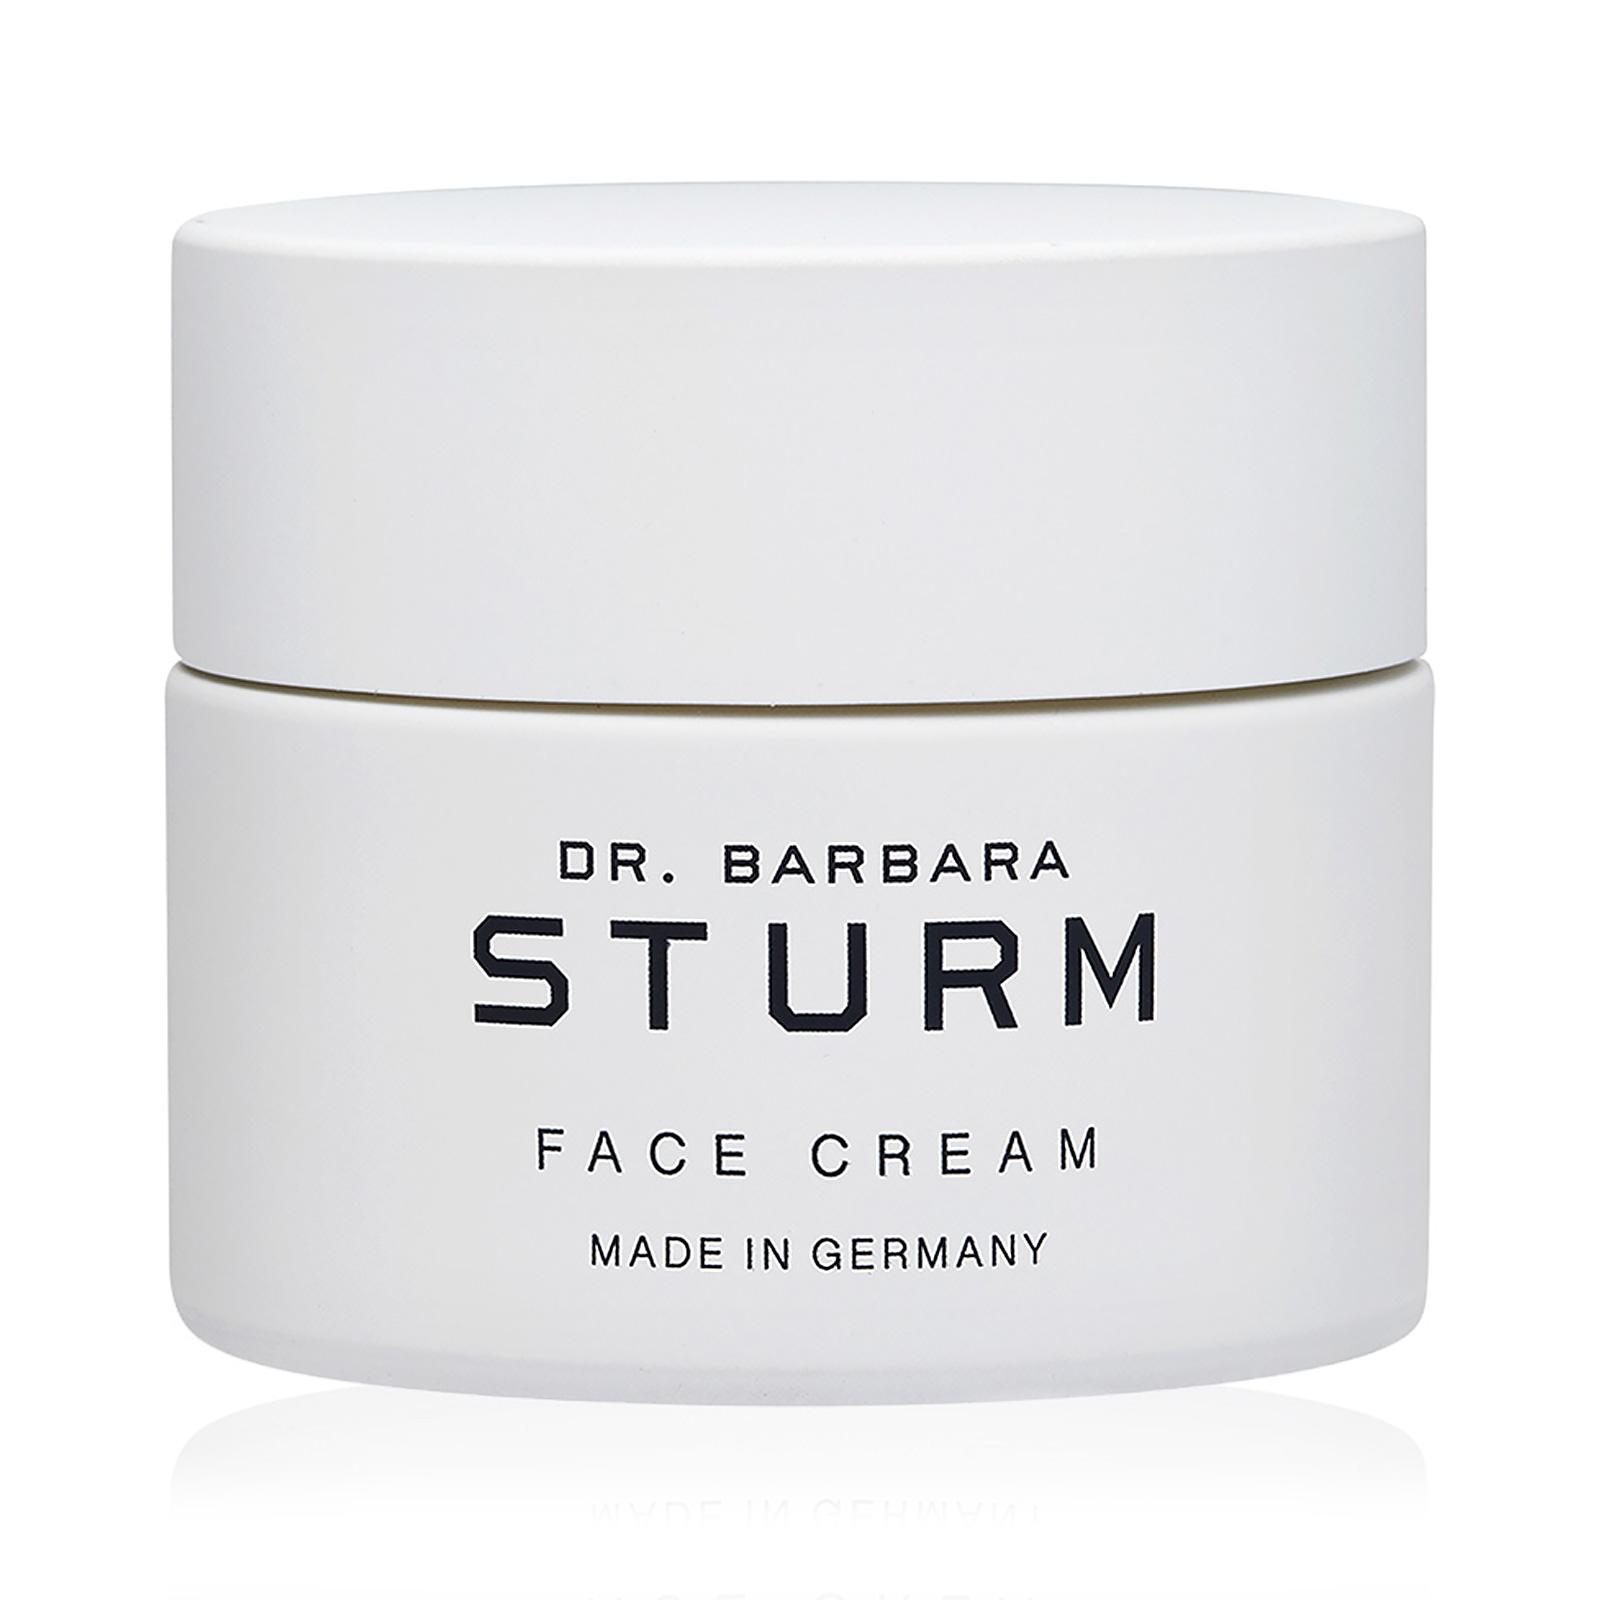 Molecular Cosmetics Face Cream